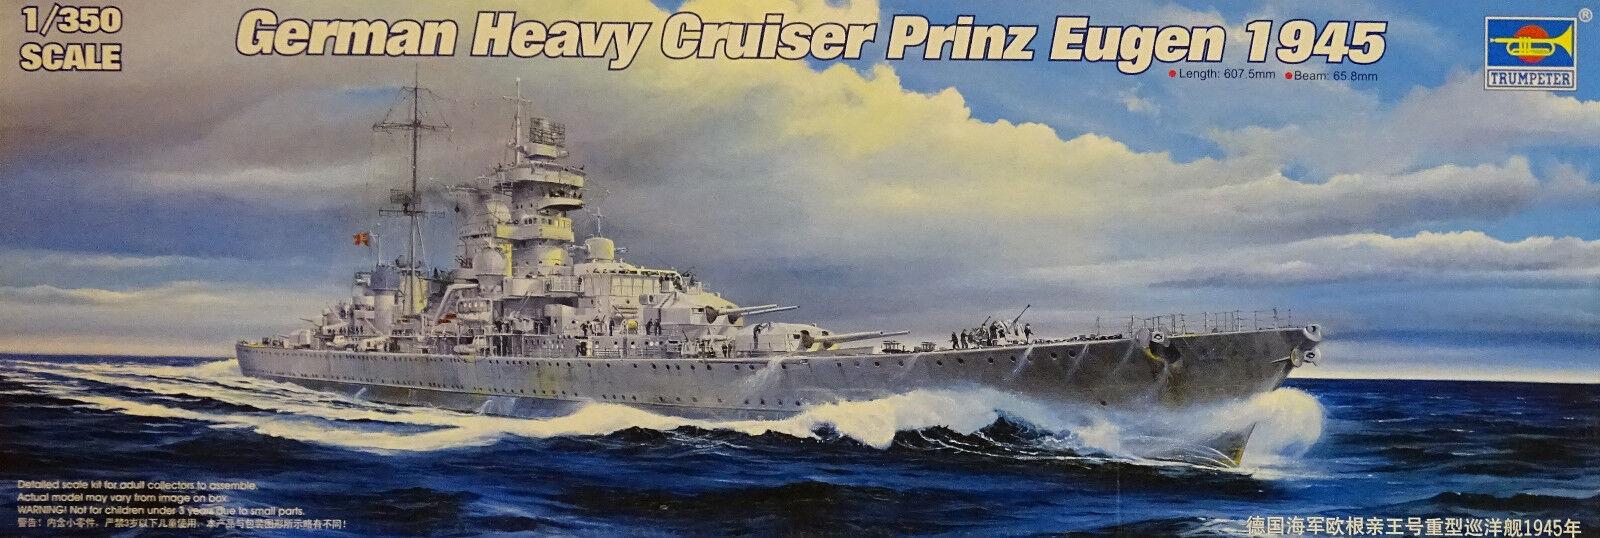 TRUMPETER® TRUMPETER® TRUMPETER® 05313 German Heavy Cruiser Prinz Eugen 1945 in 1 350 68a677